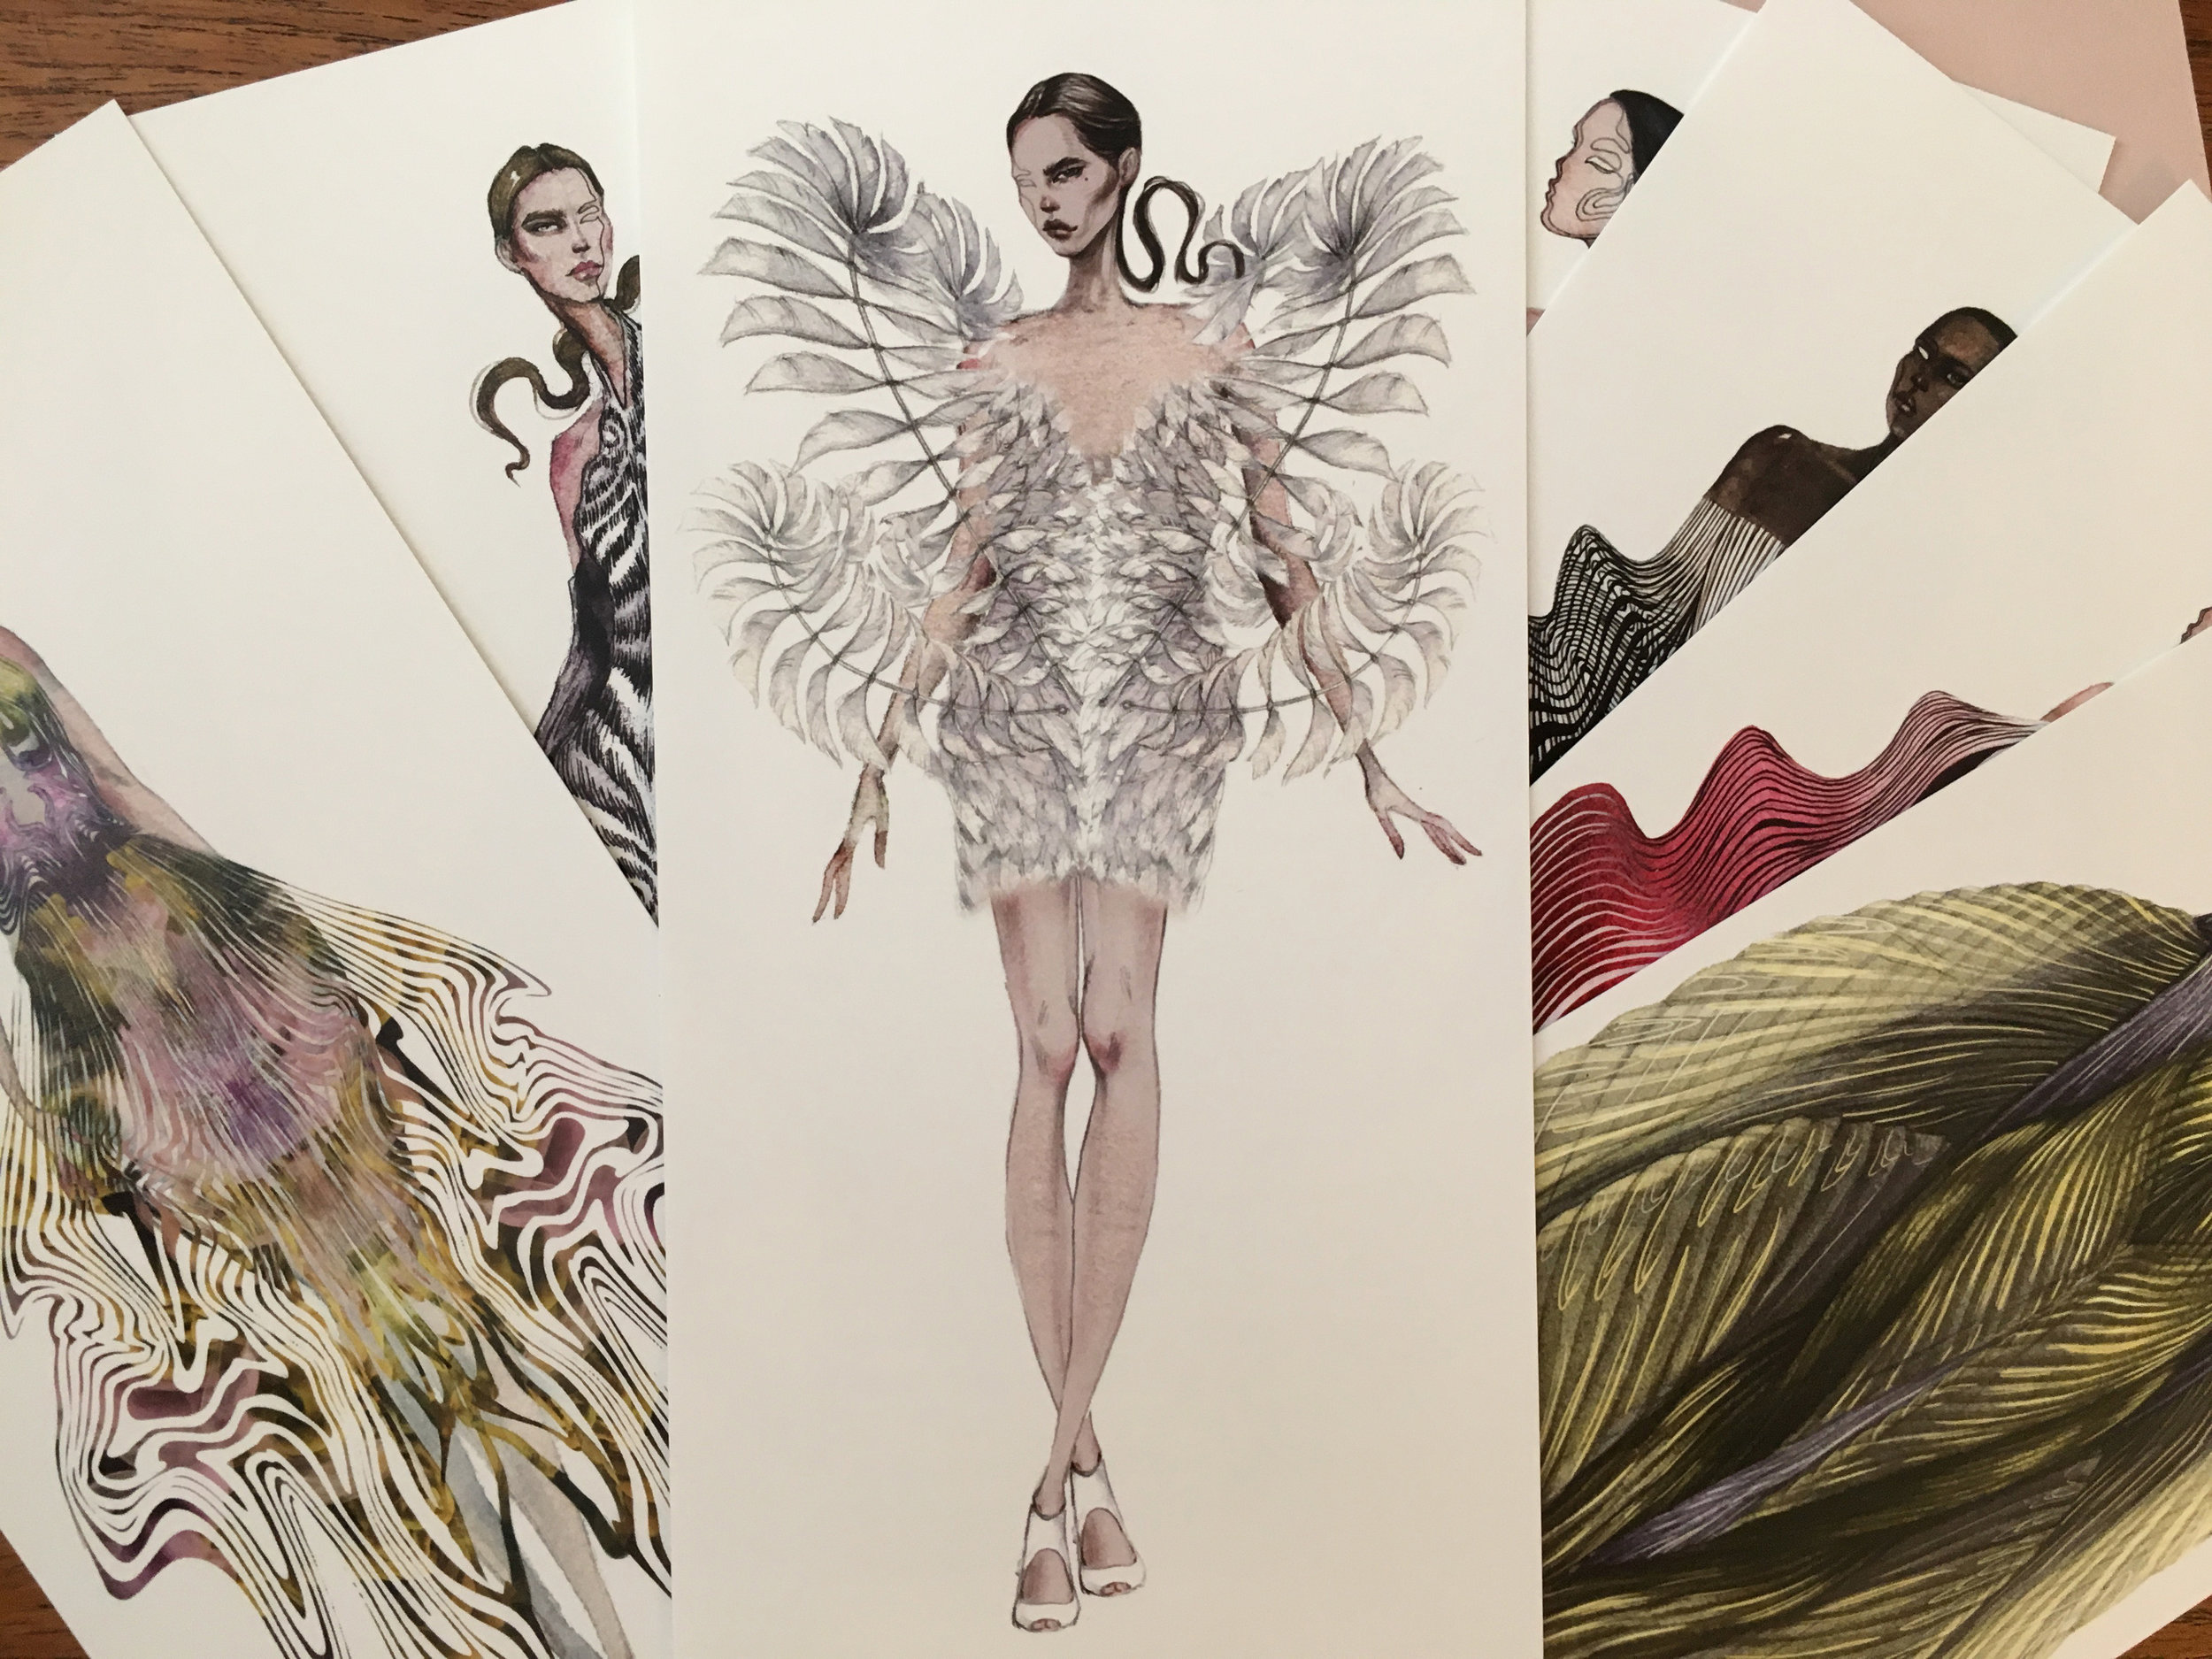 Carnet d'illustrations de la collection Hypnosis d'Iris van Herpen, haute couture automne-hiver 2019 - 2020, offert au public du défilé à l'Elysée Montmartre, le 1er juillet 2019 (illustration artwork : Nastya Kuzmina, photo : Le Boudoir Numérique)